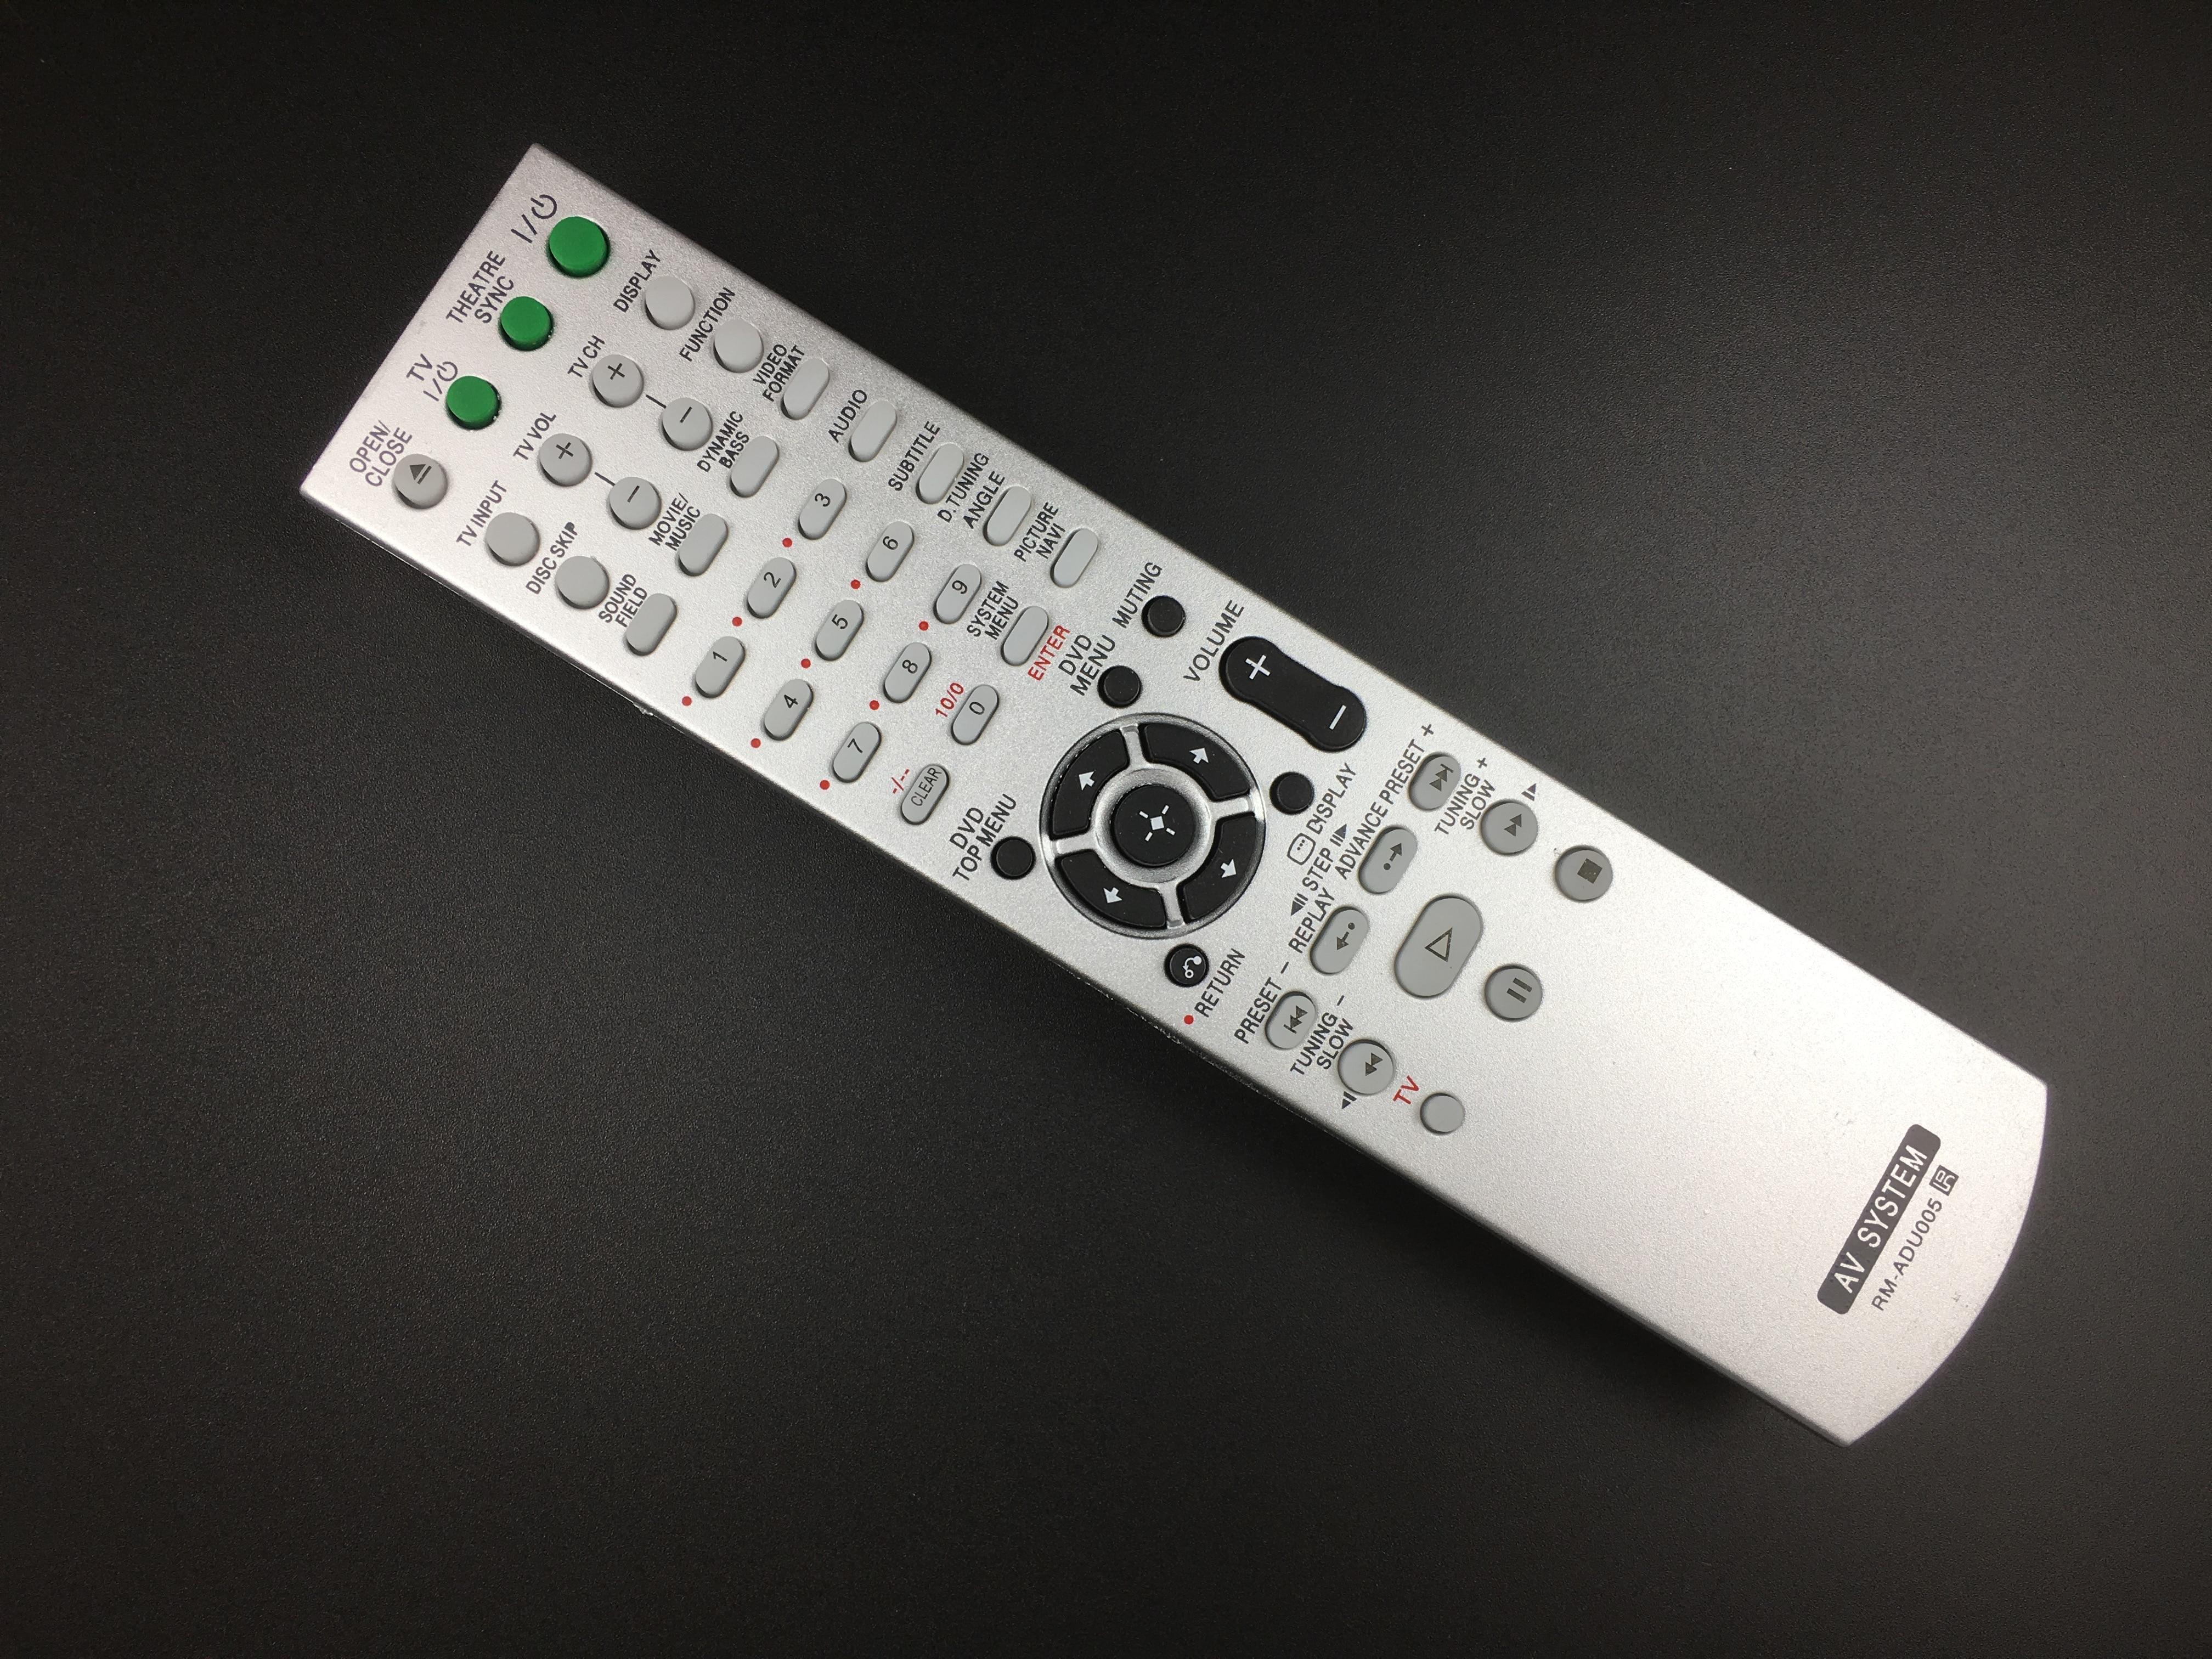 Remote Control Fit For SONY DAV-DZ120 DAV-DX155 DAV-DX255 DAV-HDX265 DAV-HDX266 DAV-DX315 DVD Home Theater System